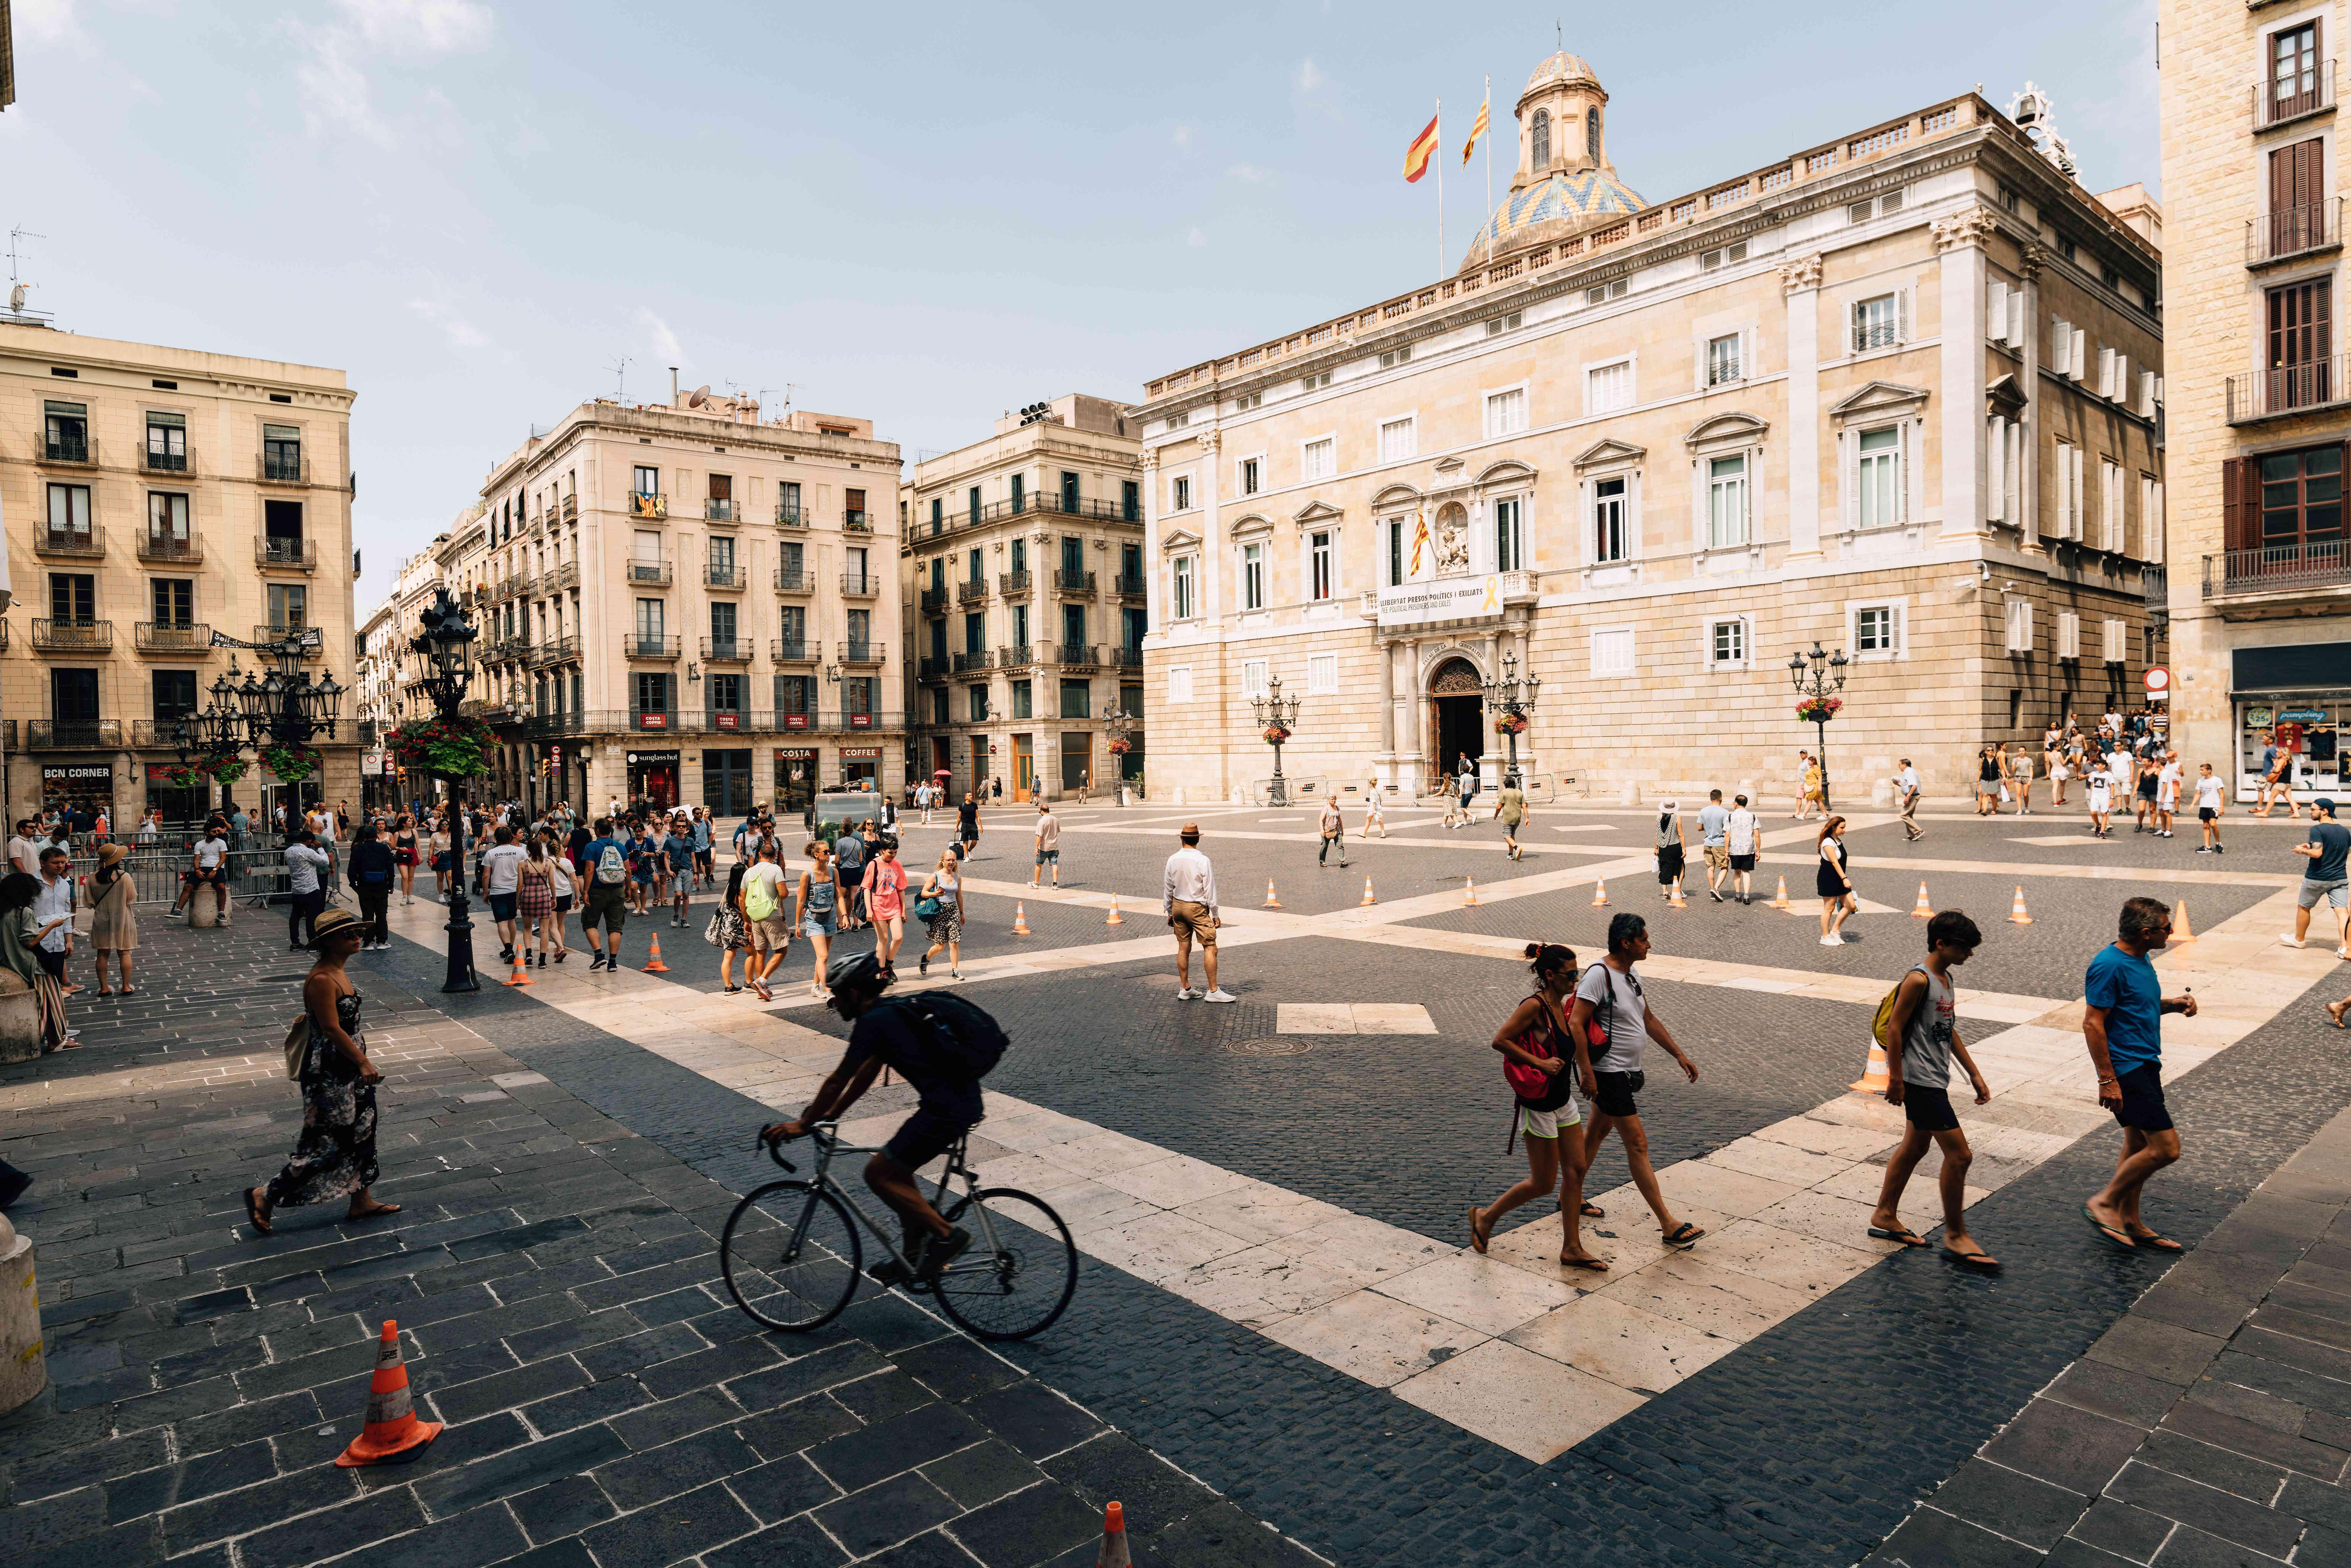 Placa Jaume on Las Ramblas